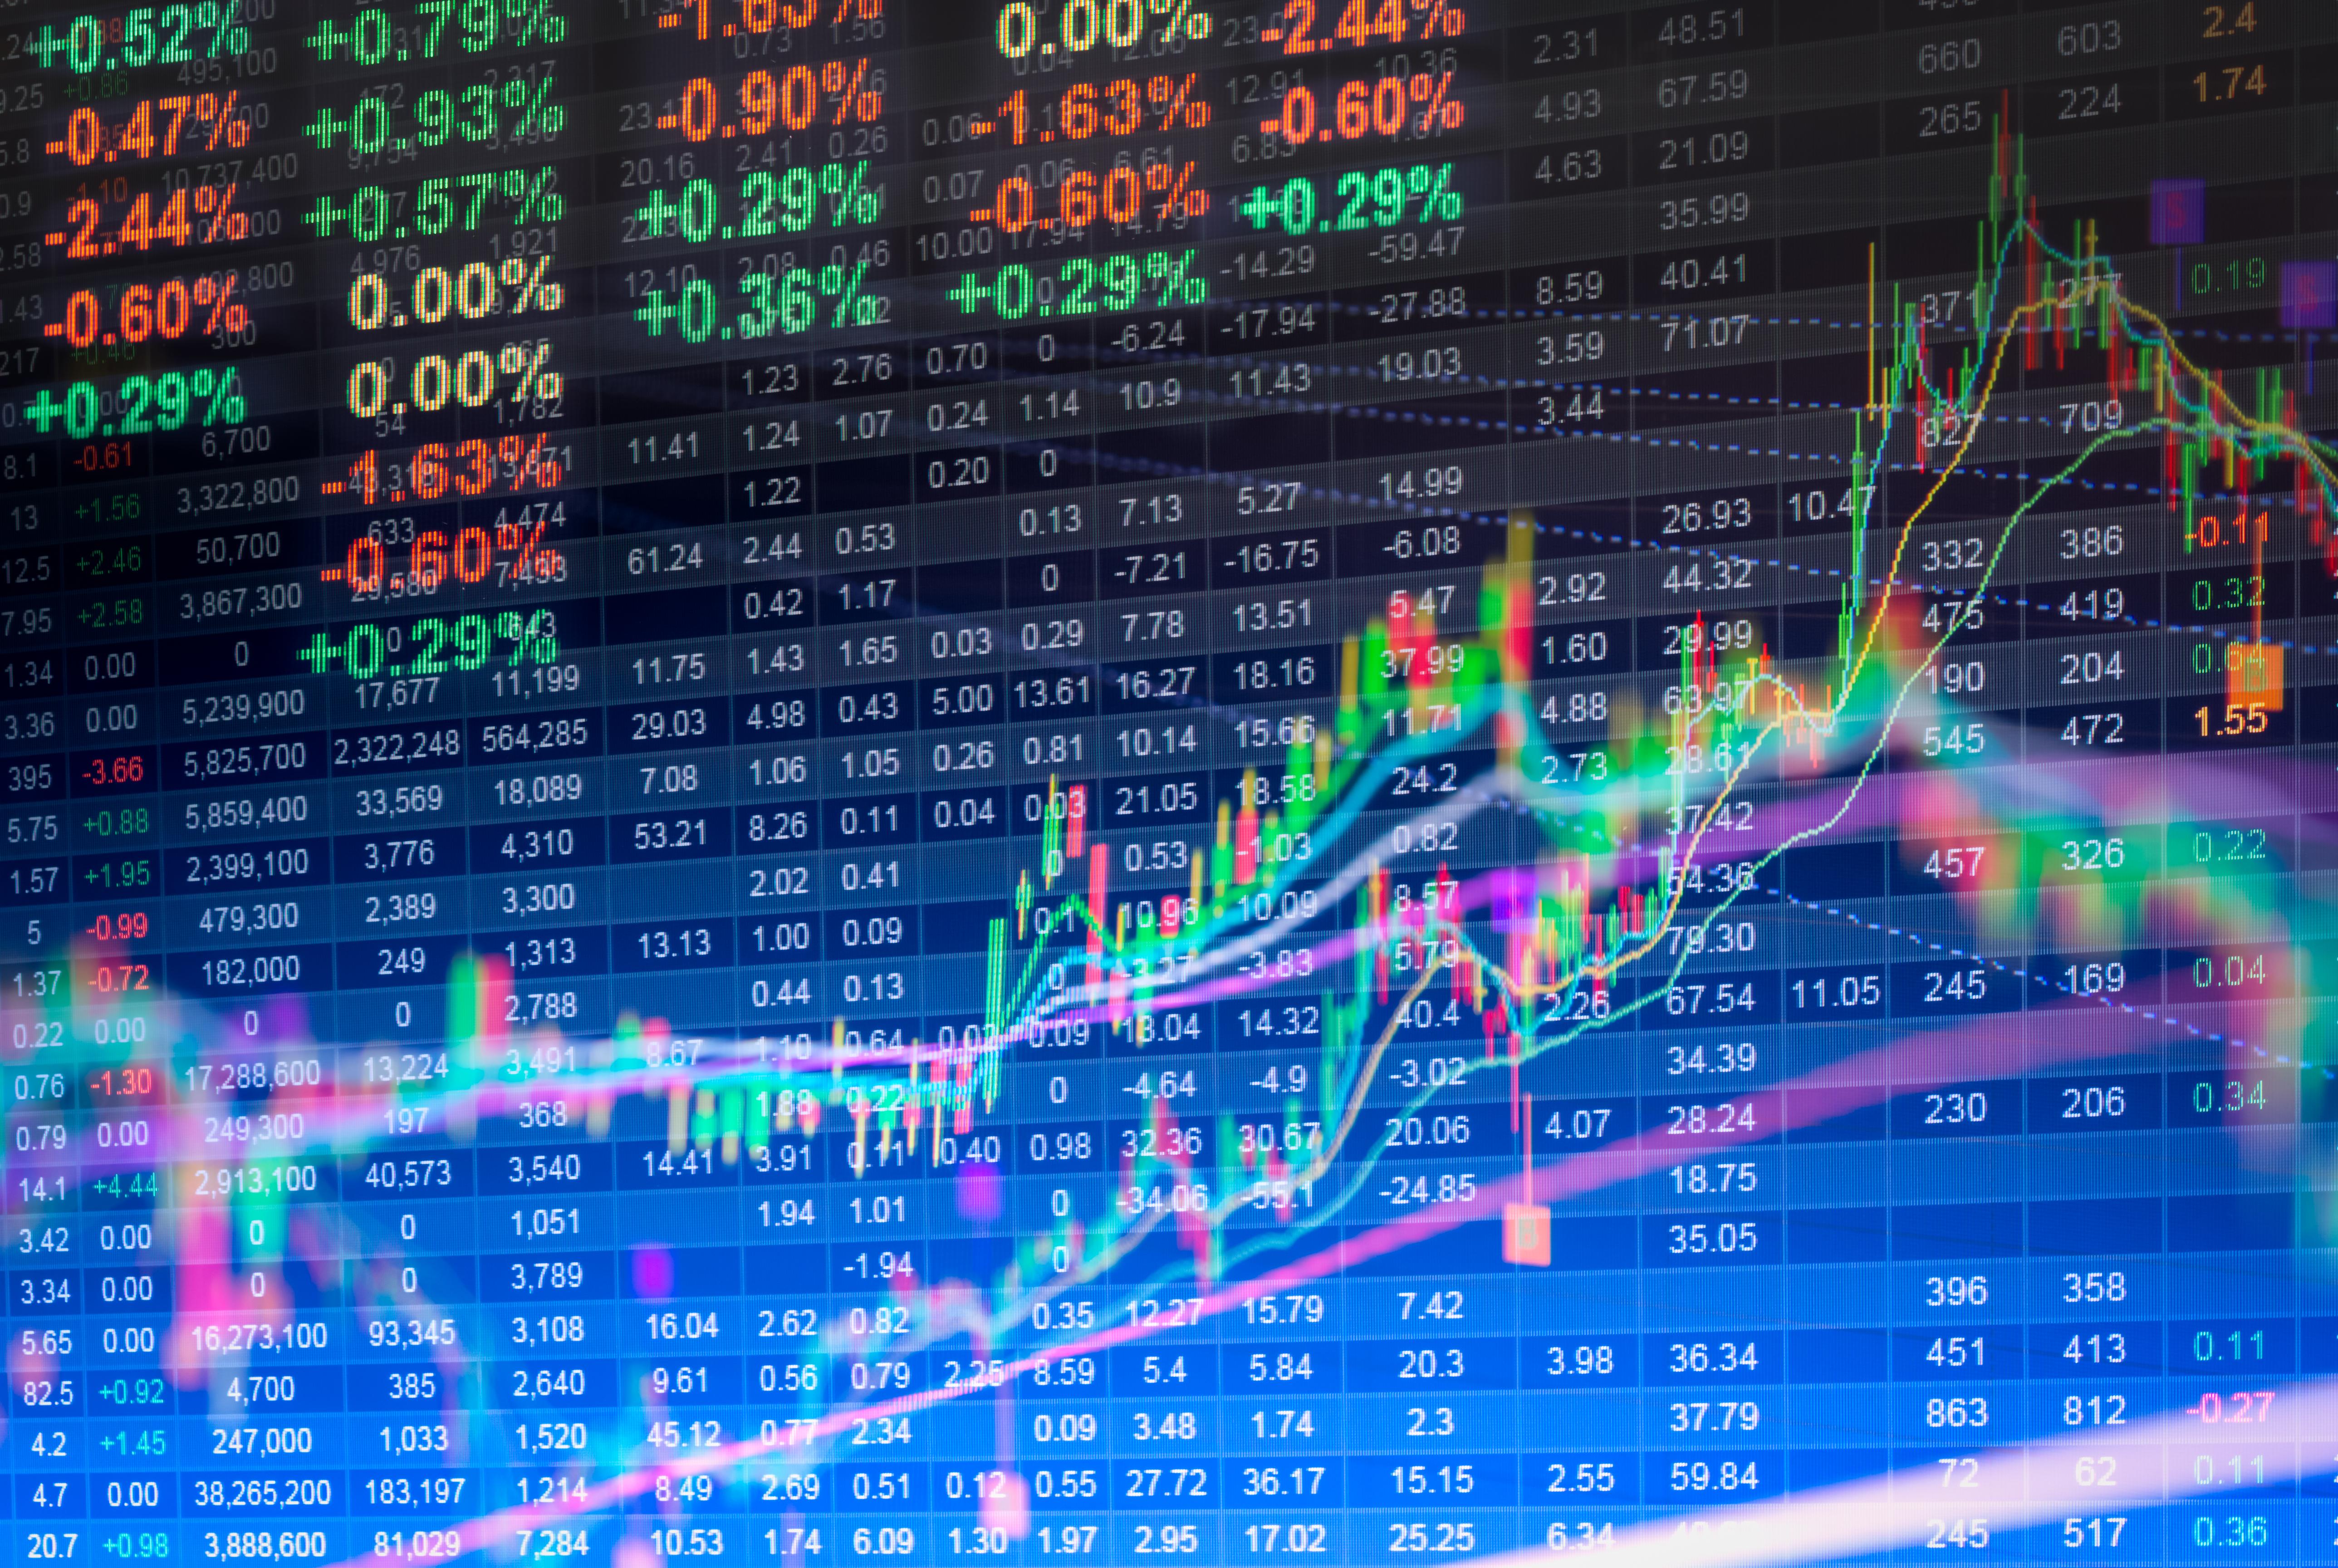 Stock market data on LED screen.